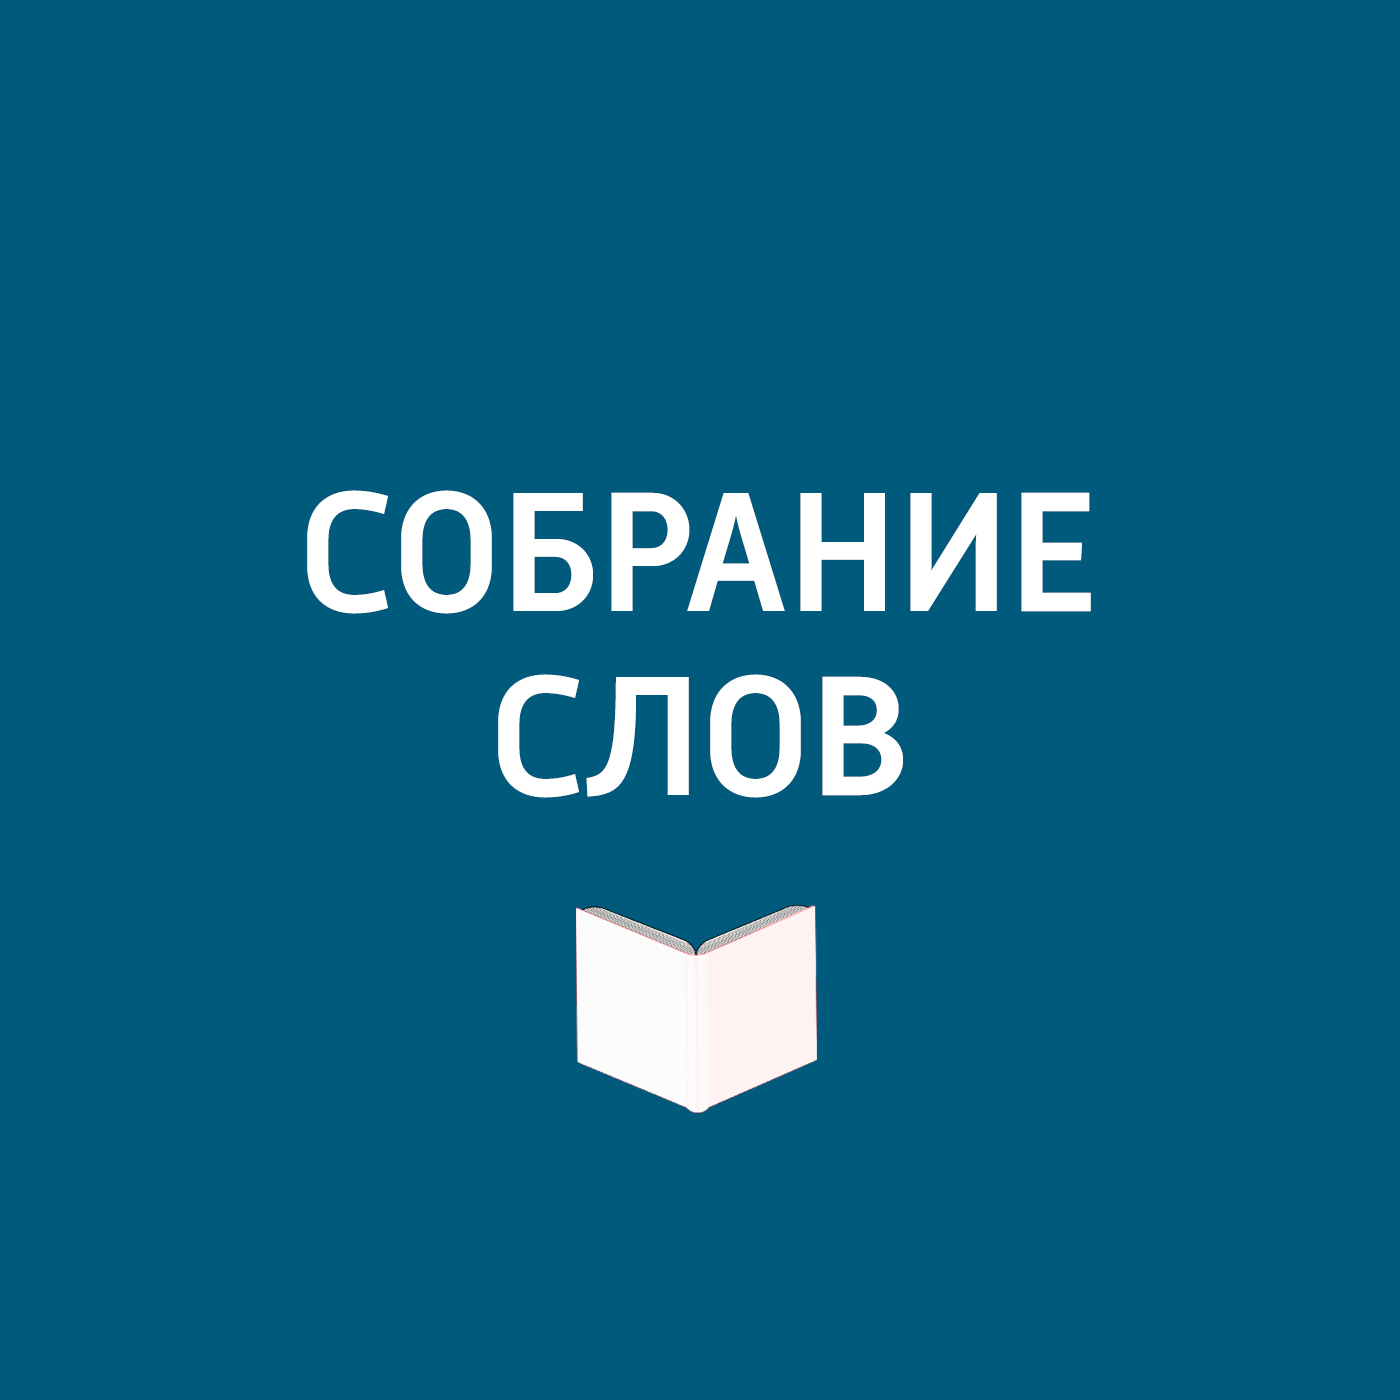 Творческий коллектив программы «Собрание слов» 12 декабря - 145 лет со дня открытия Политехнического музея!